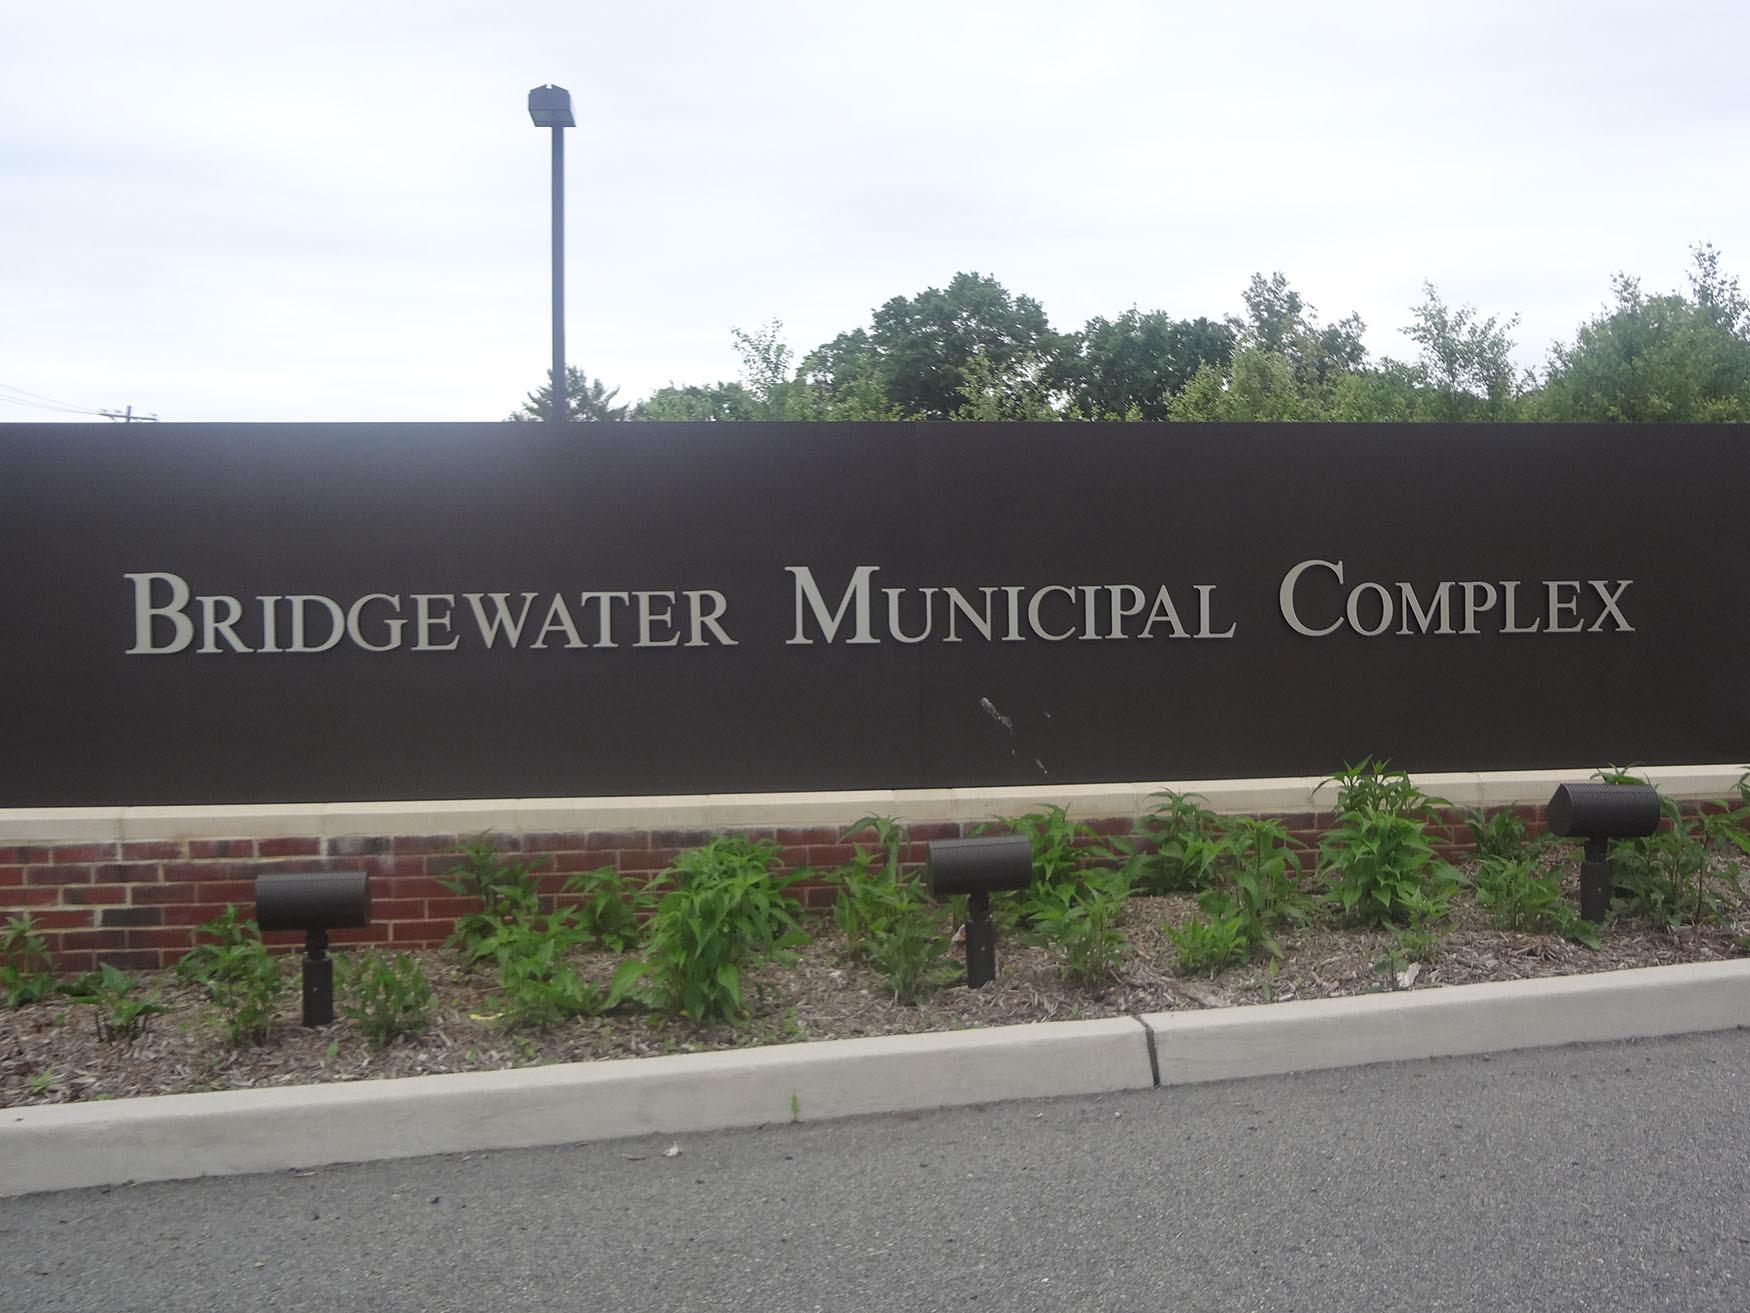 6978e3b1a4b098f22954_Bridgewater_municipal.jpg